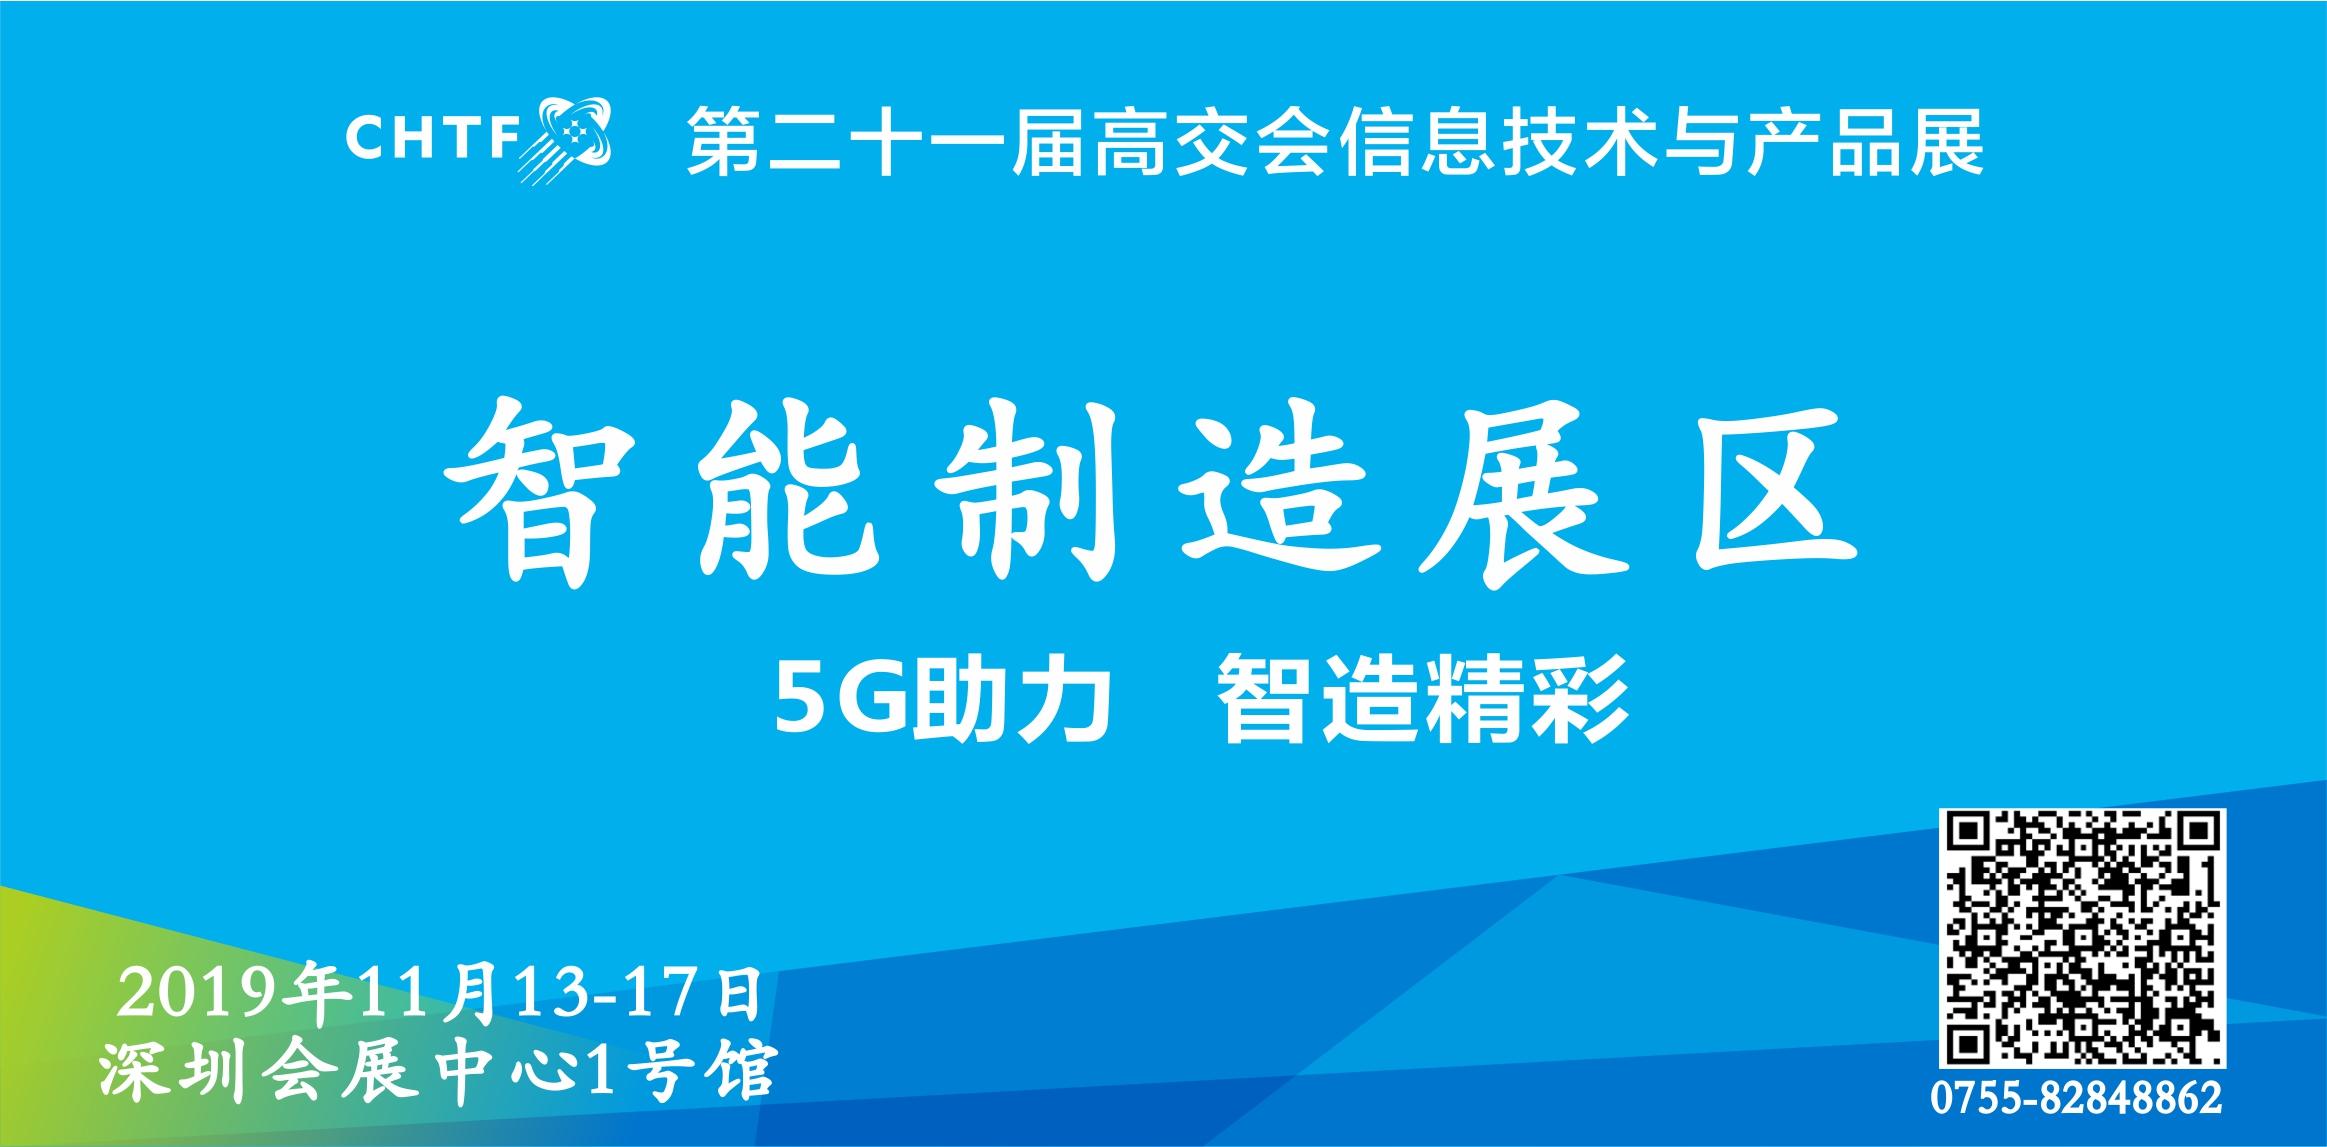 第二十一届中国国际高新技术成果交易会